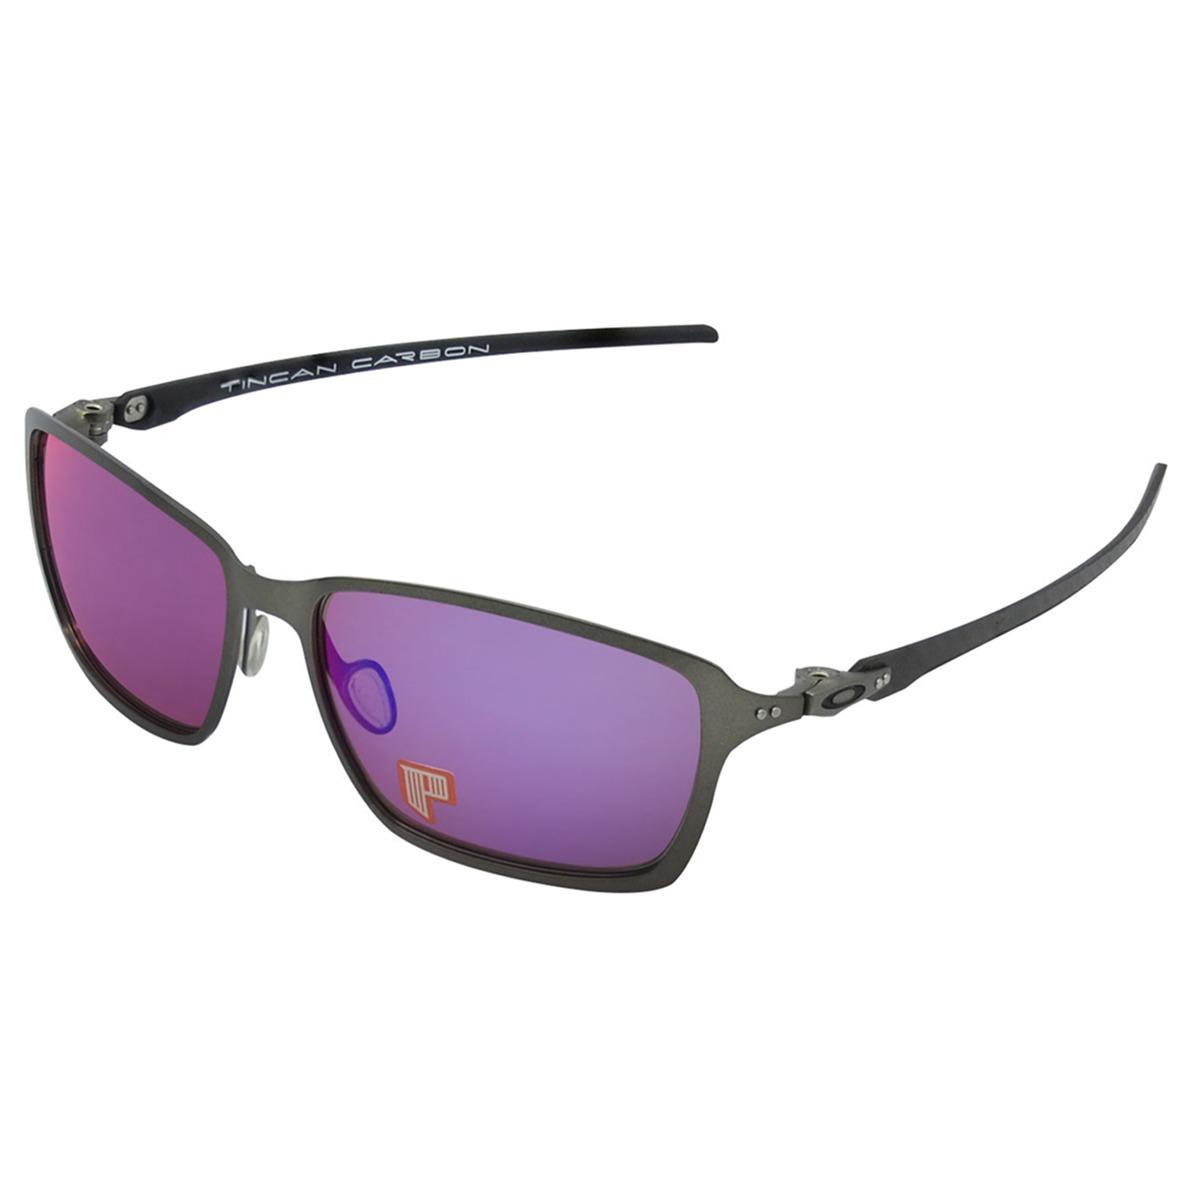 366a289fc1e óculos oakley tincan carbon lente red iridium polarizado. Carregando zoom.